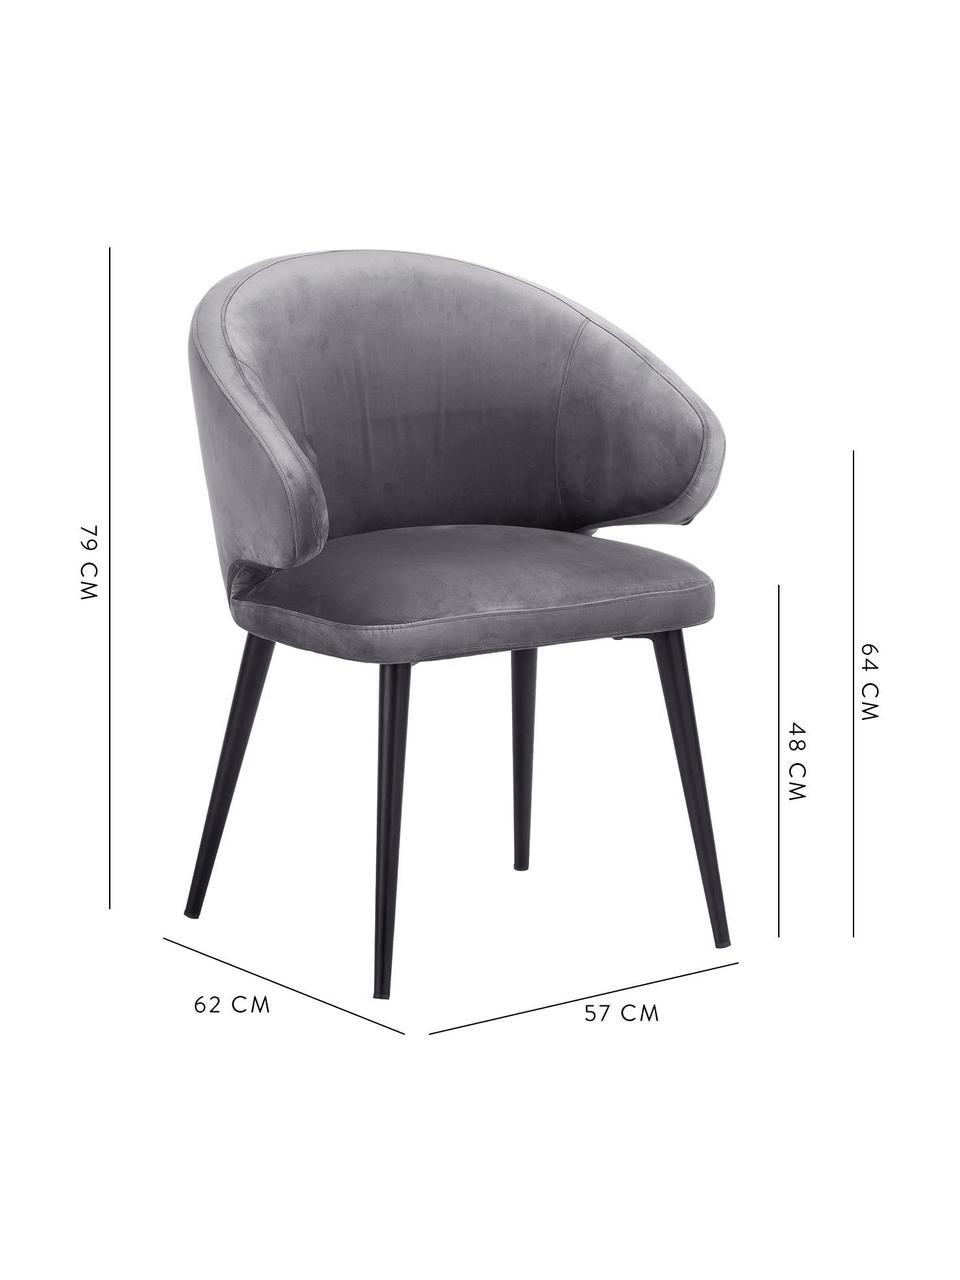 Fluwelen armstoel Celia in modern design, Bekleding: fluweel (polyester), Poten: gepoedercoat metaal, Fluweel staalgrijs, B 57 x D 62 cm